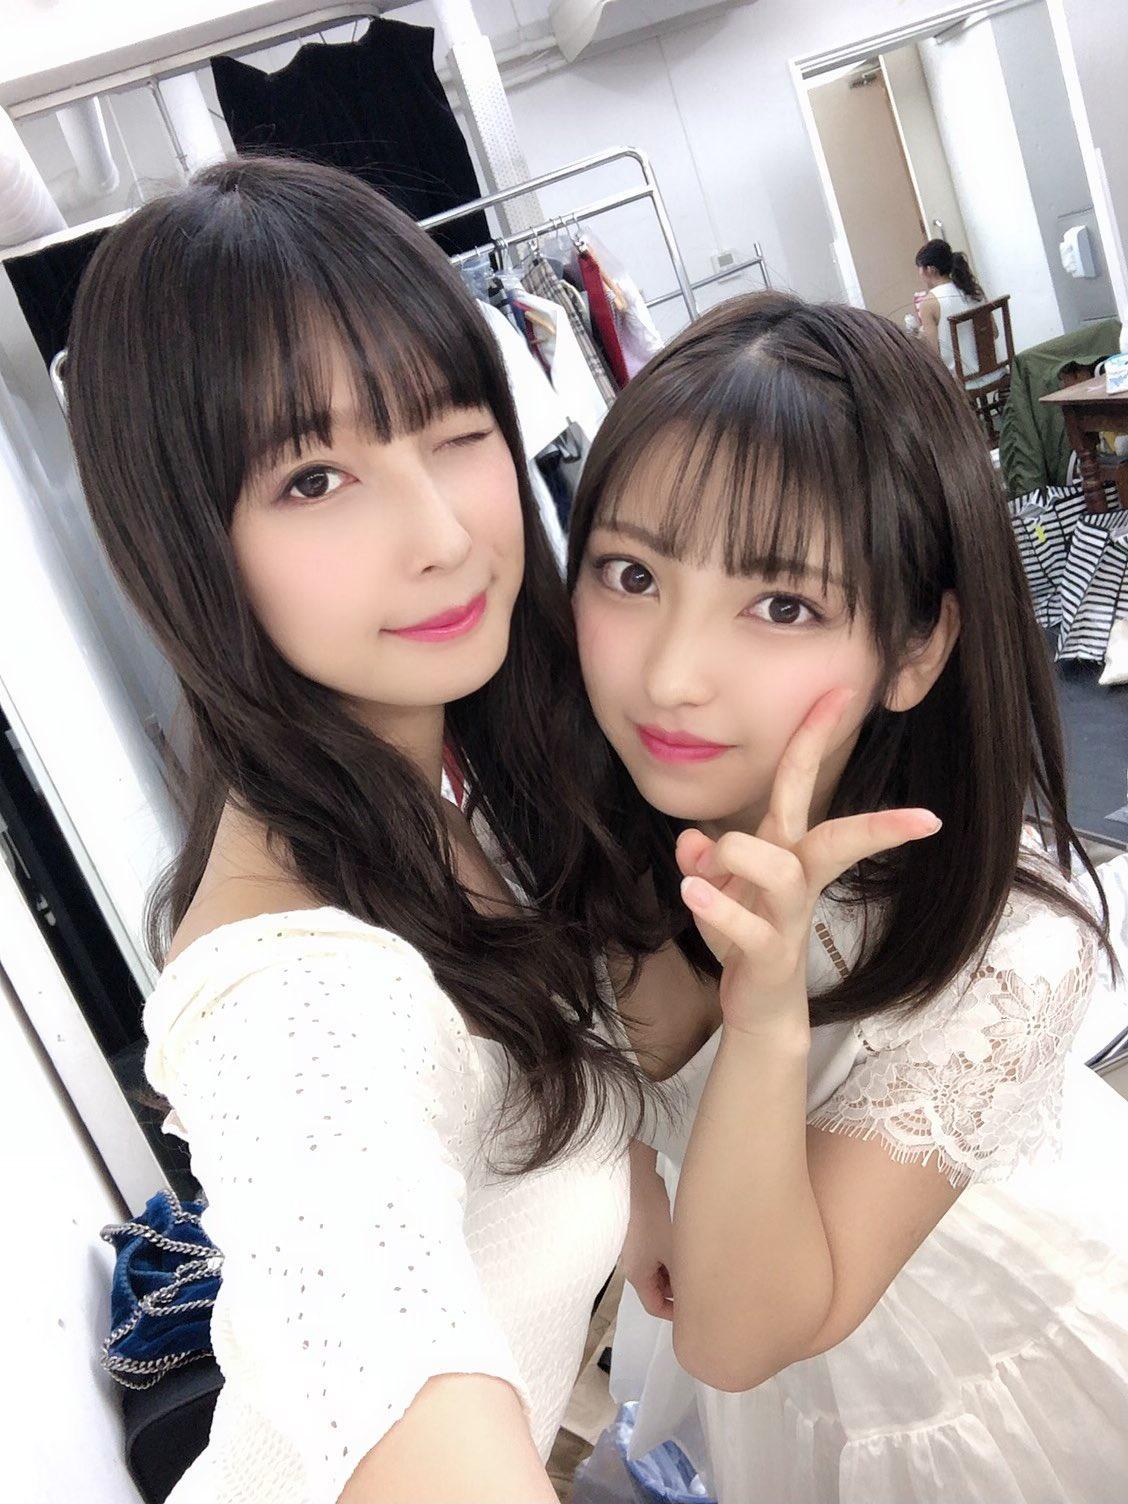 kawasaki__aya 1194112492403855360_p2